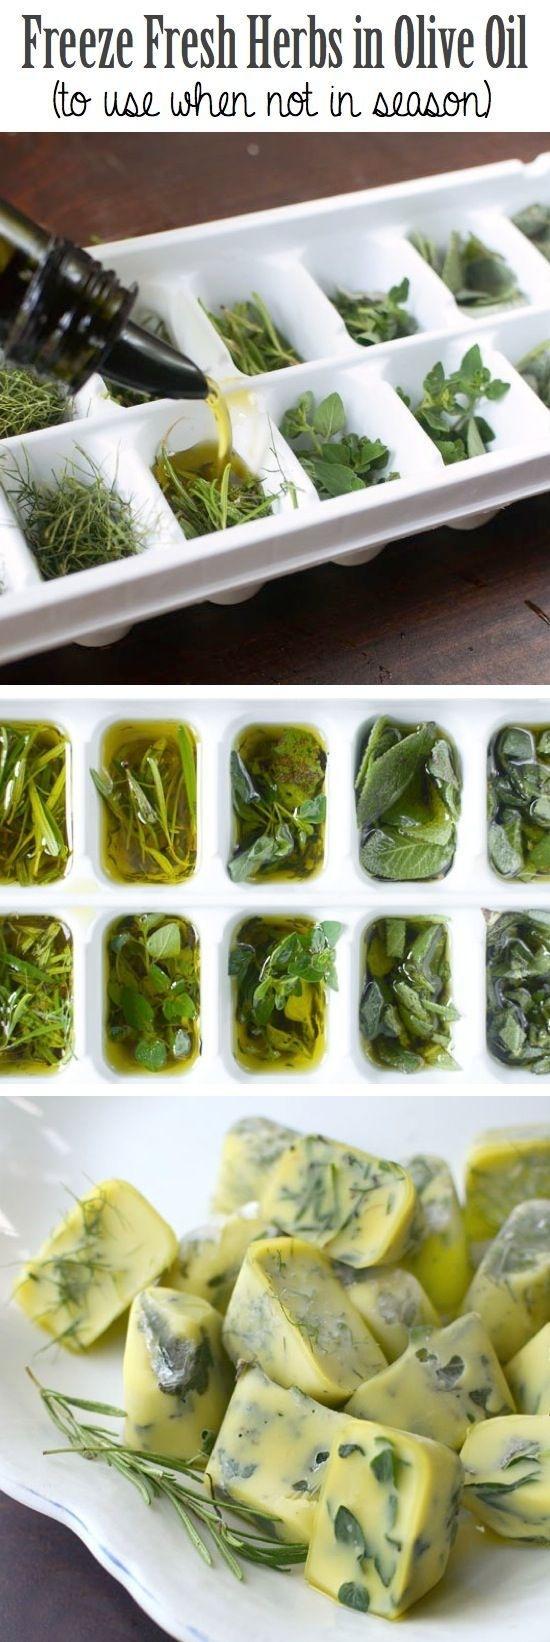 hierbas aromáticas en aceite